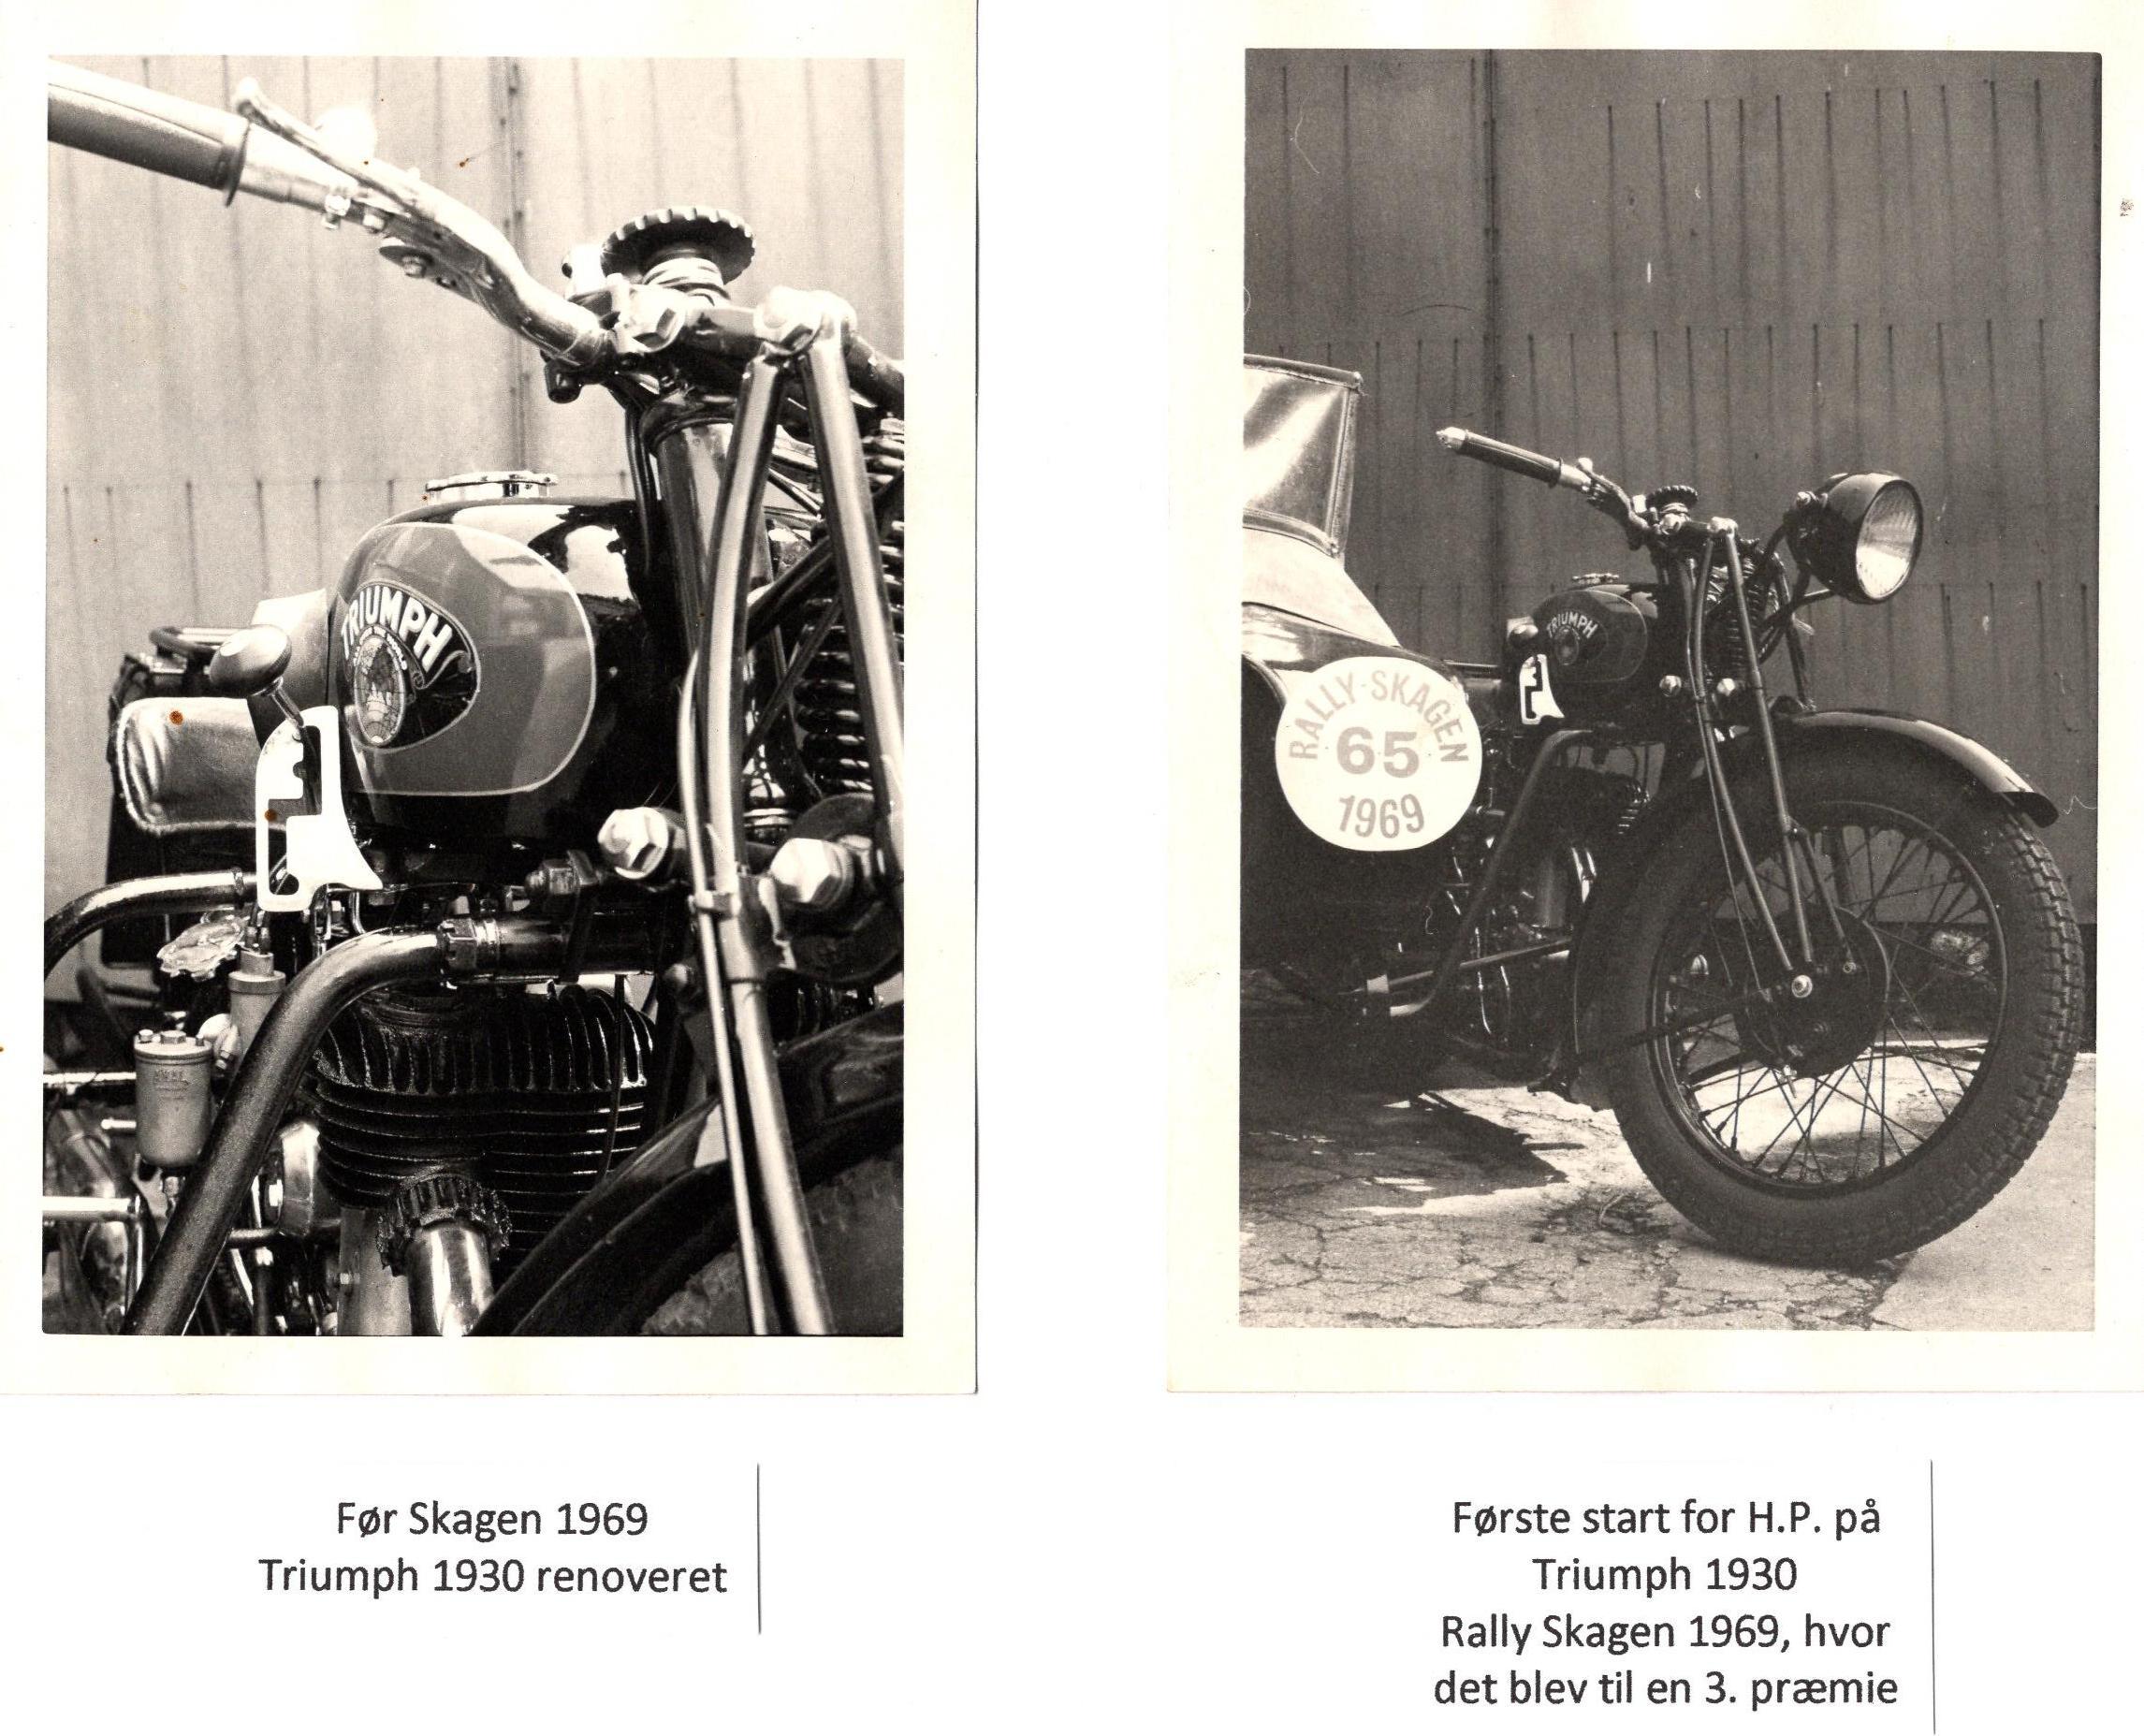 Fars første veterancykel var en Triumph fra 1930, som han renoverede og kørte med i Skagensløbet 1969.